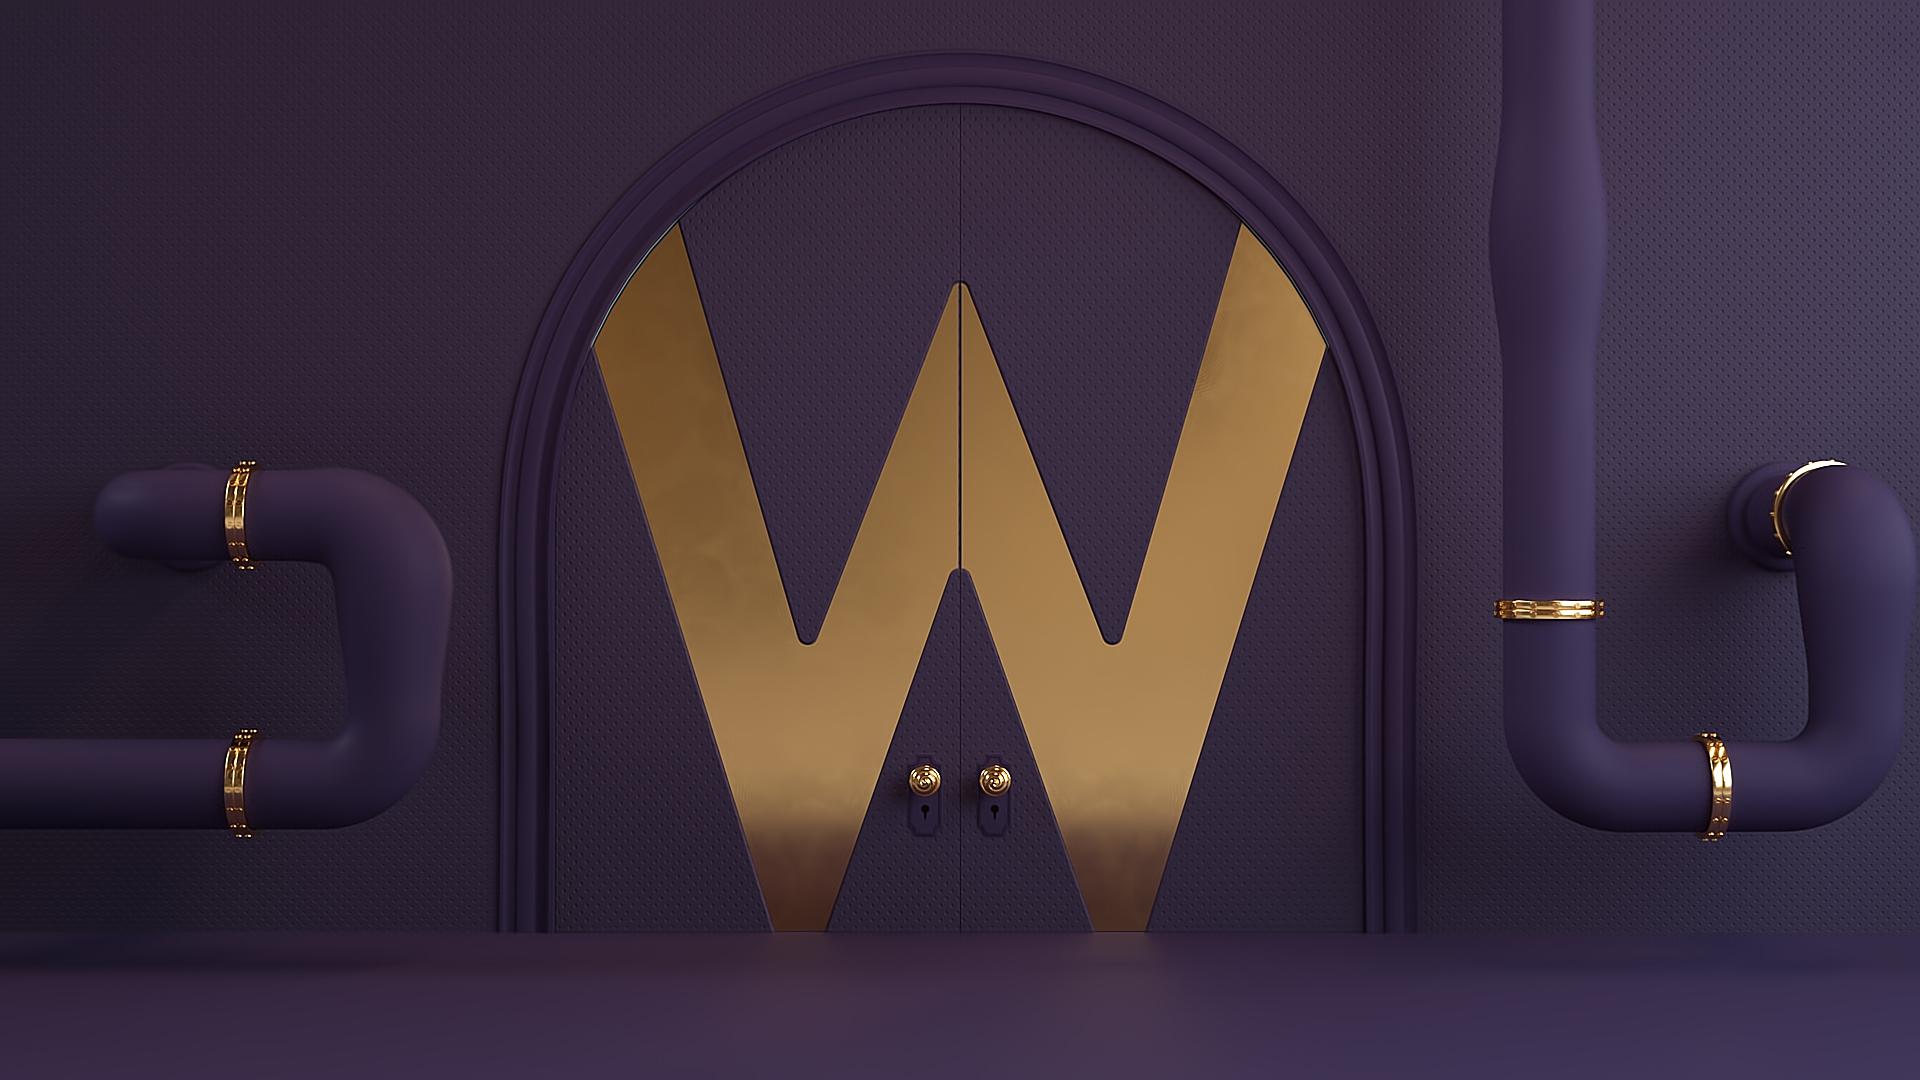 WONKA_Wonka Doors_01